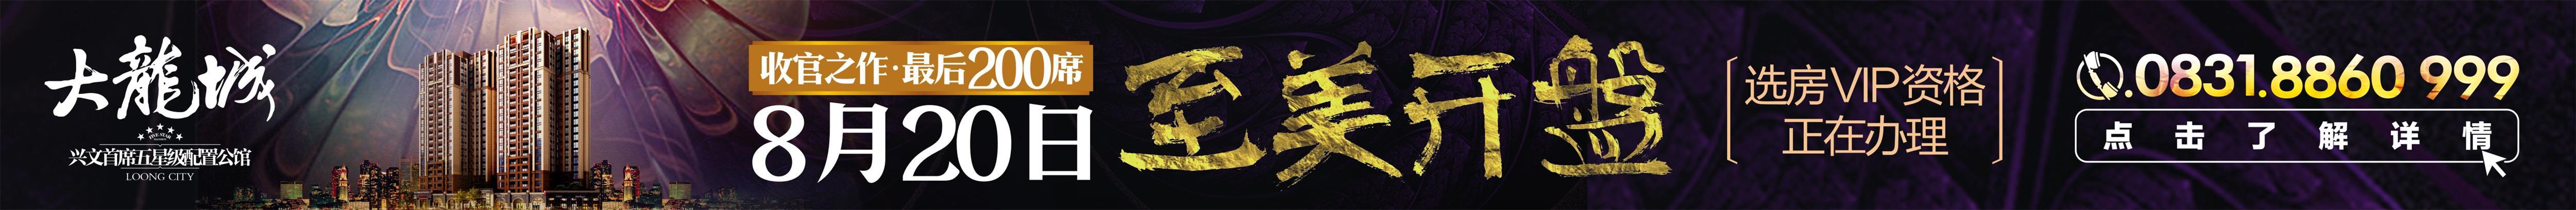 兴文大龙城